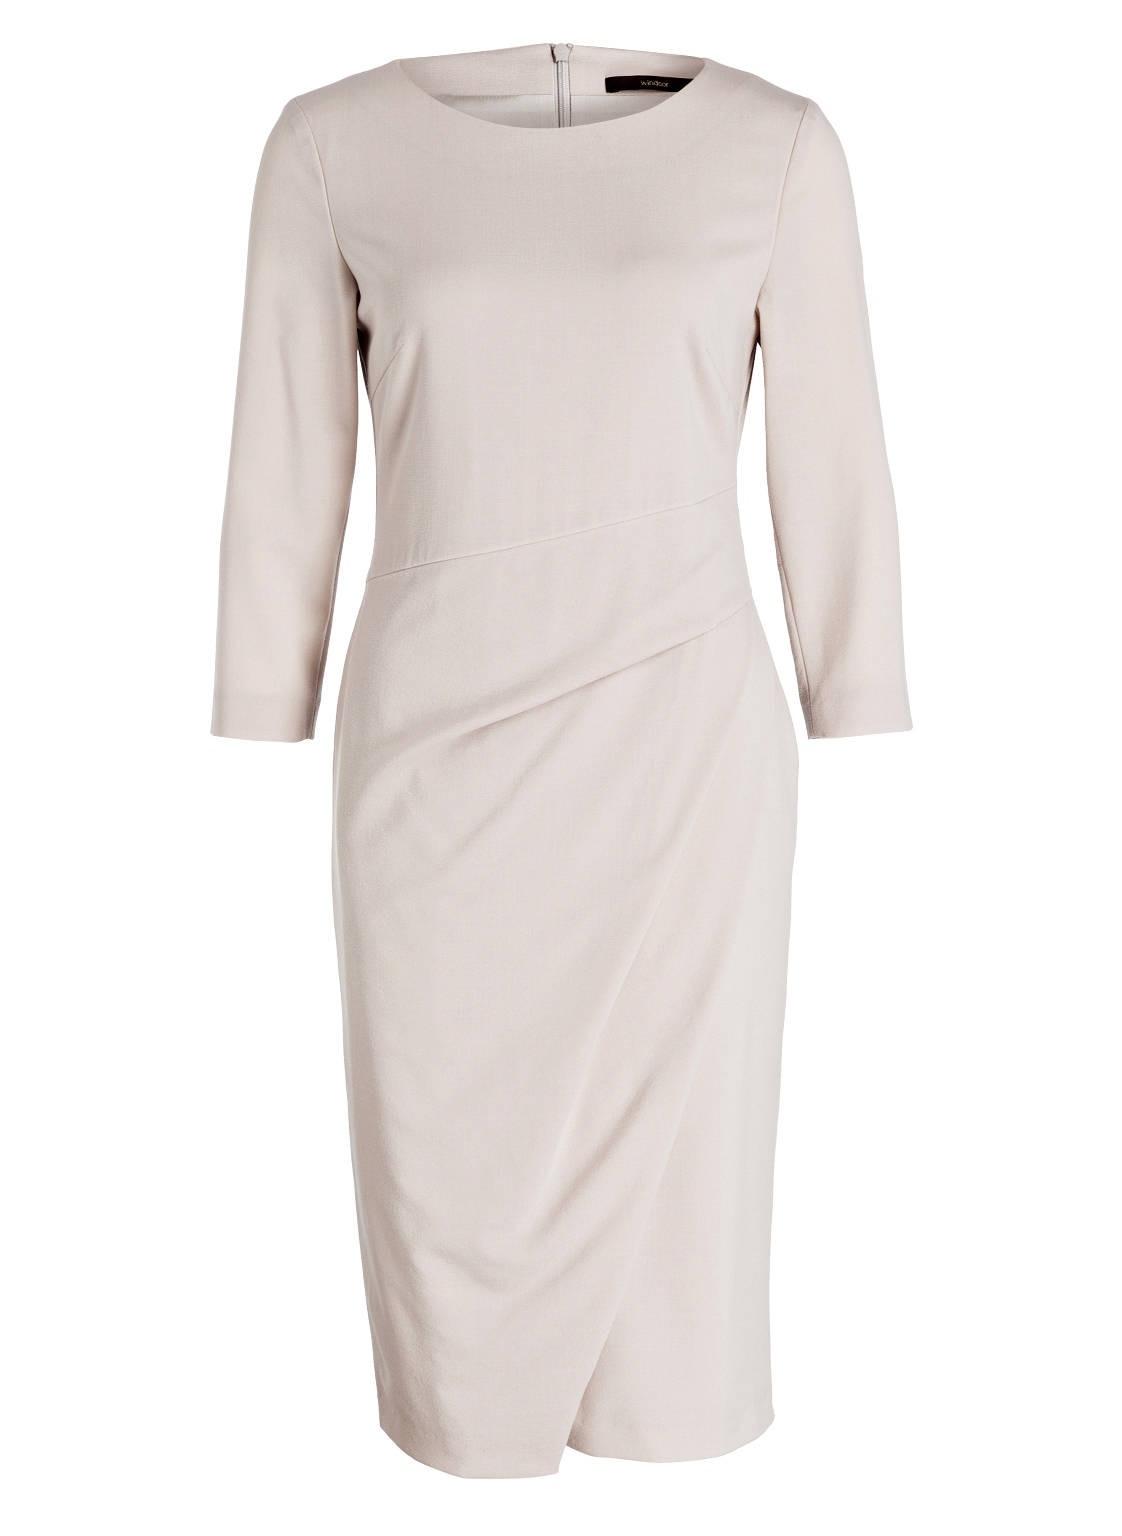 Schön Damen Kleider Online Shop für 2019Abend Wunderbar Damen Kleider Online Shop Galerie